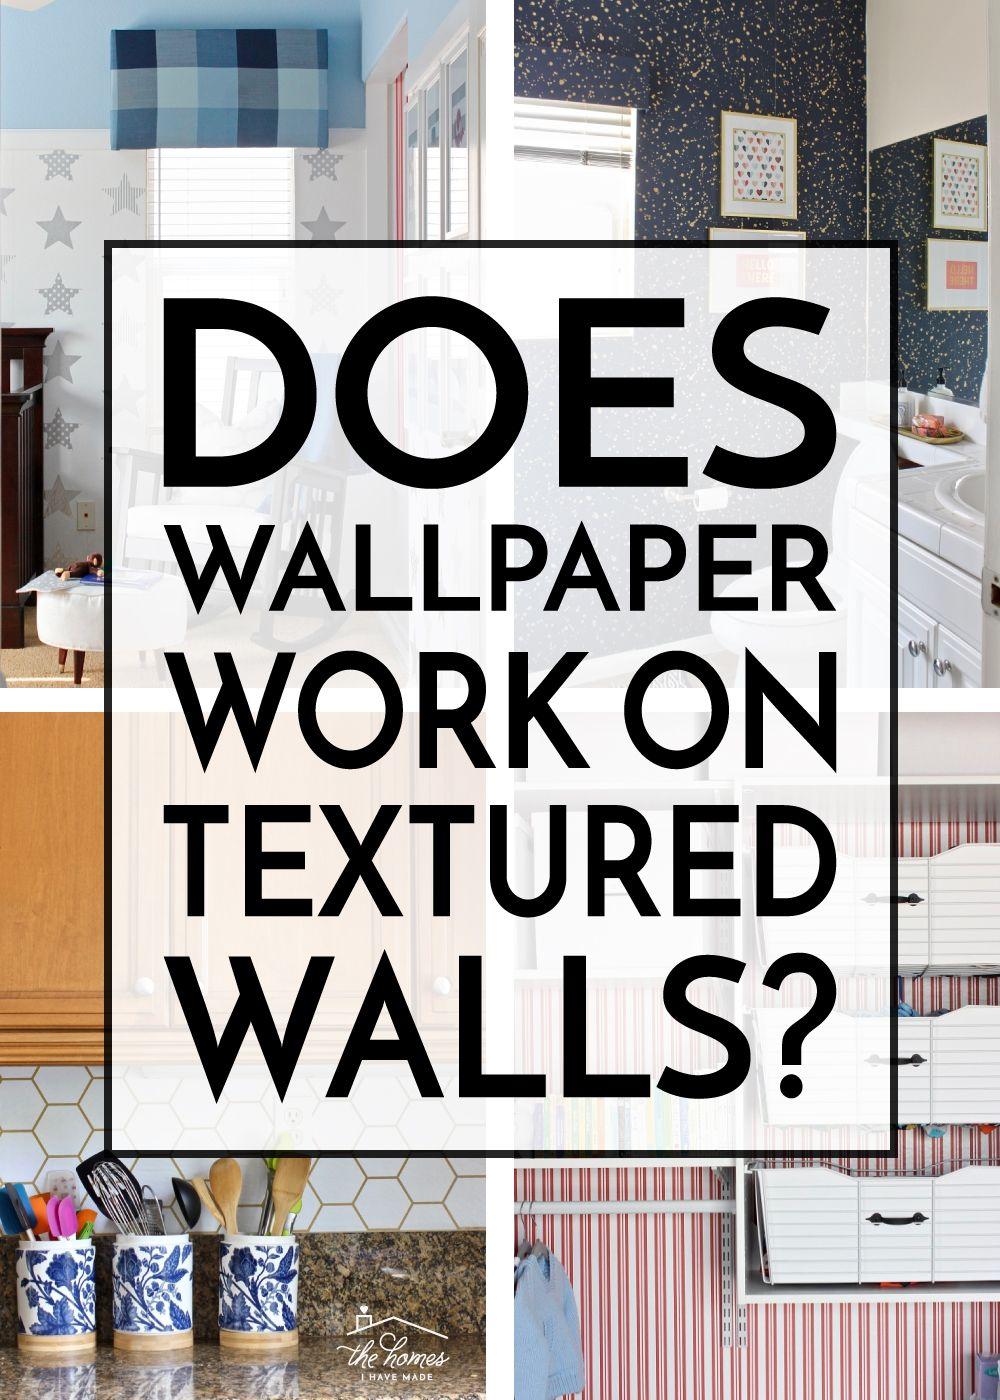 Can You Wallpaper Textured Walls Textured Walls Wallpaper Trends Wallpaper Project